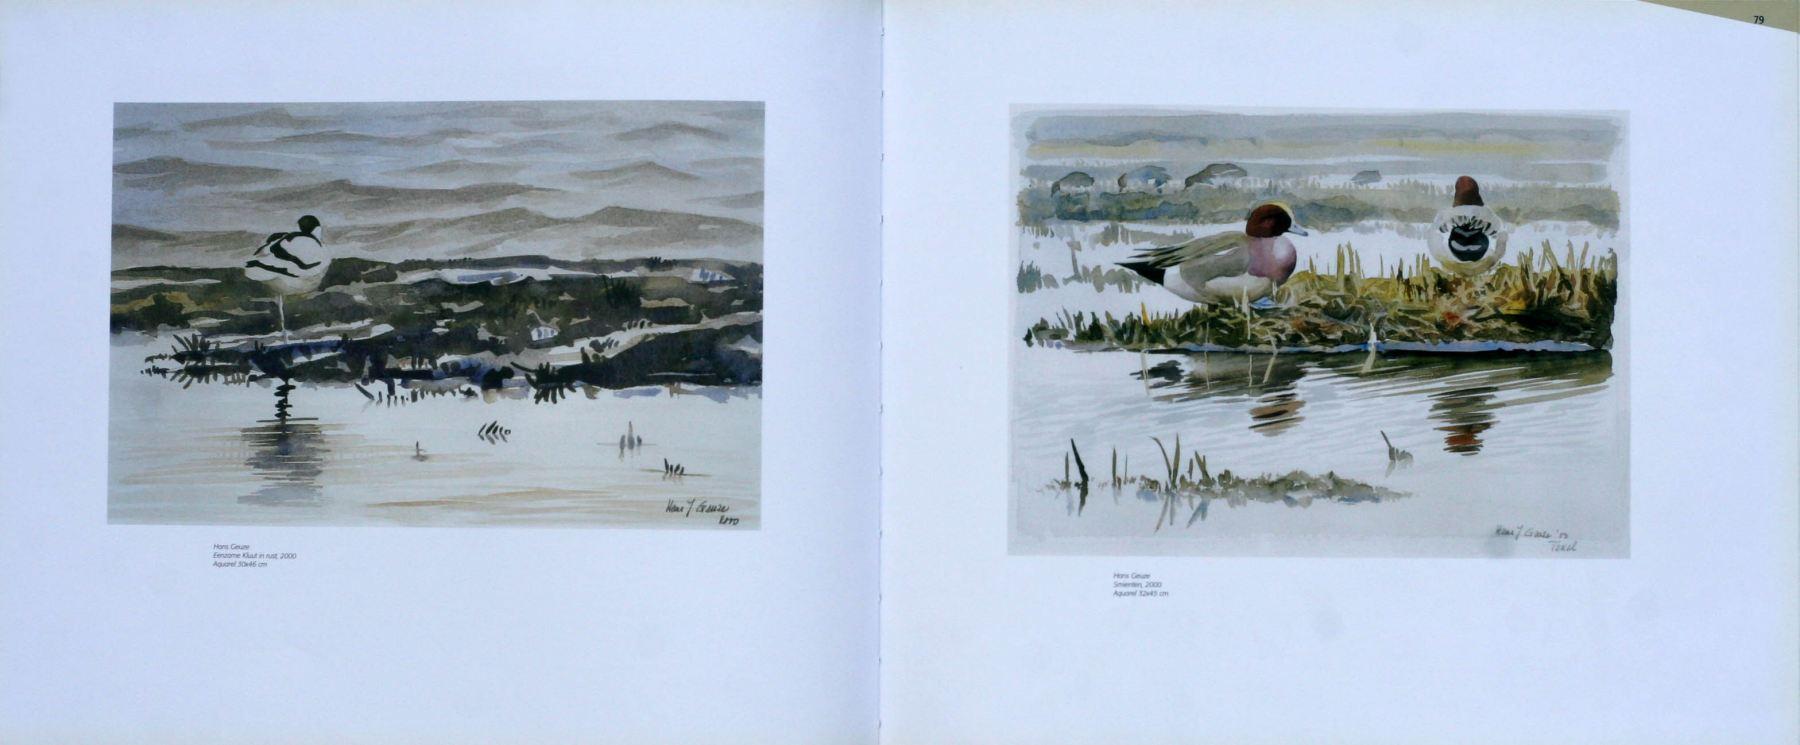 Texel-in-Schoonheid-Verbeeld-2-2002